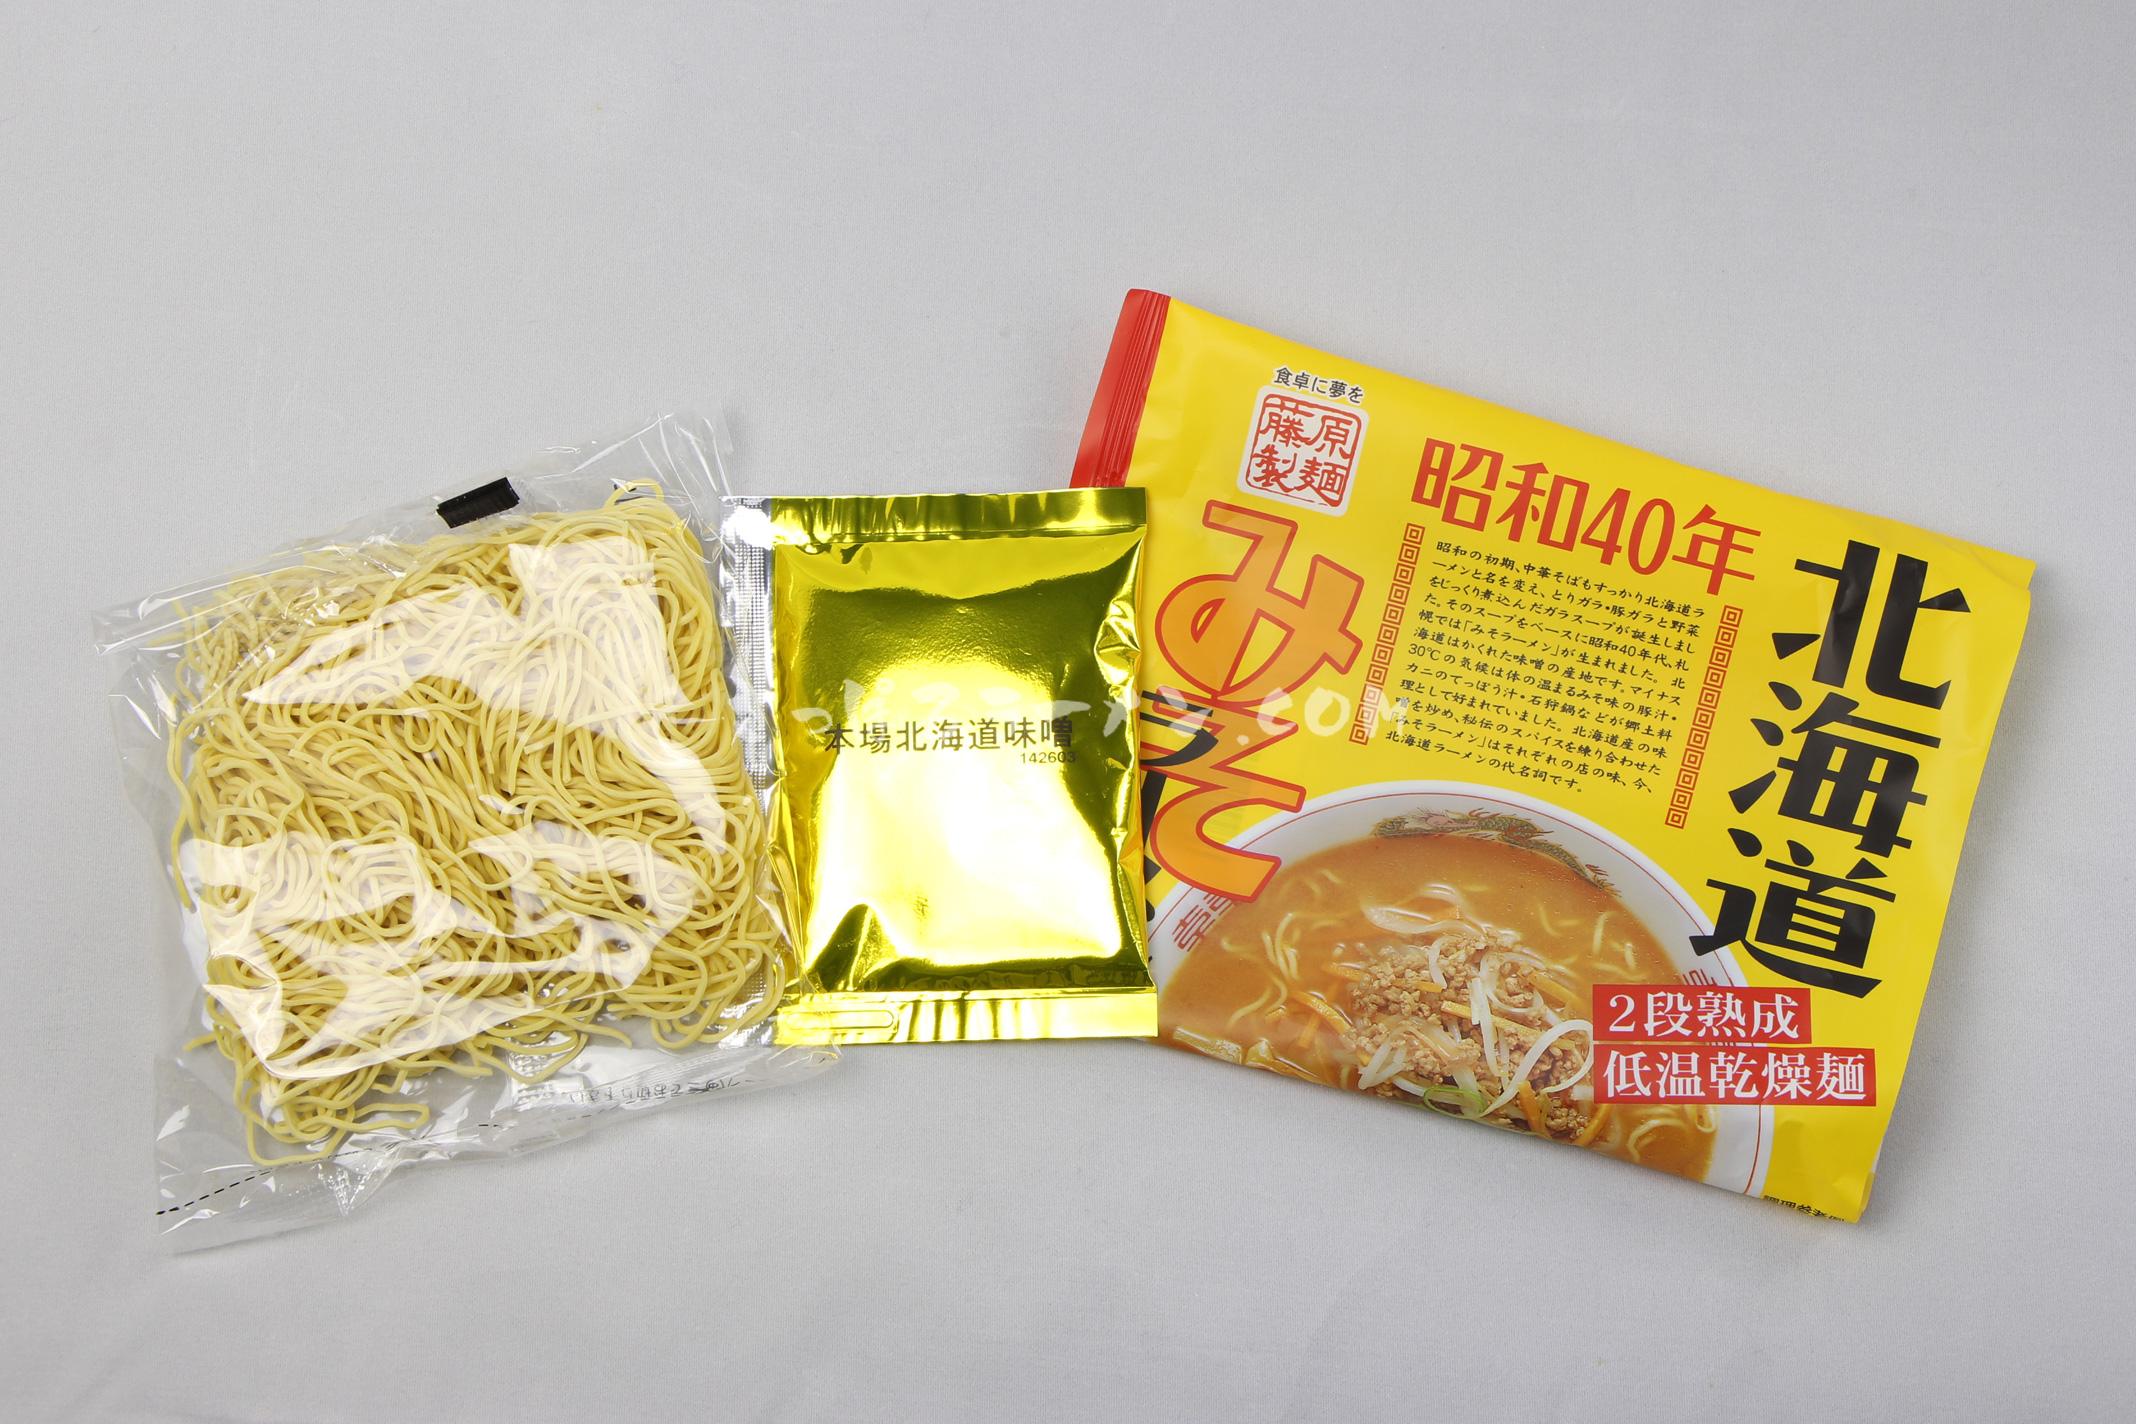 「昭和40年 北海道みそラーメン 」(藤原製麺)の麺とスープ